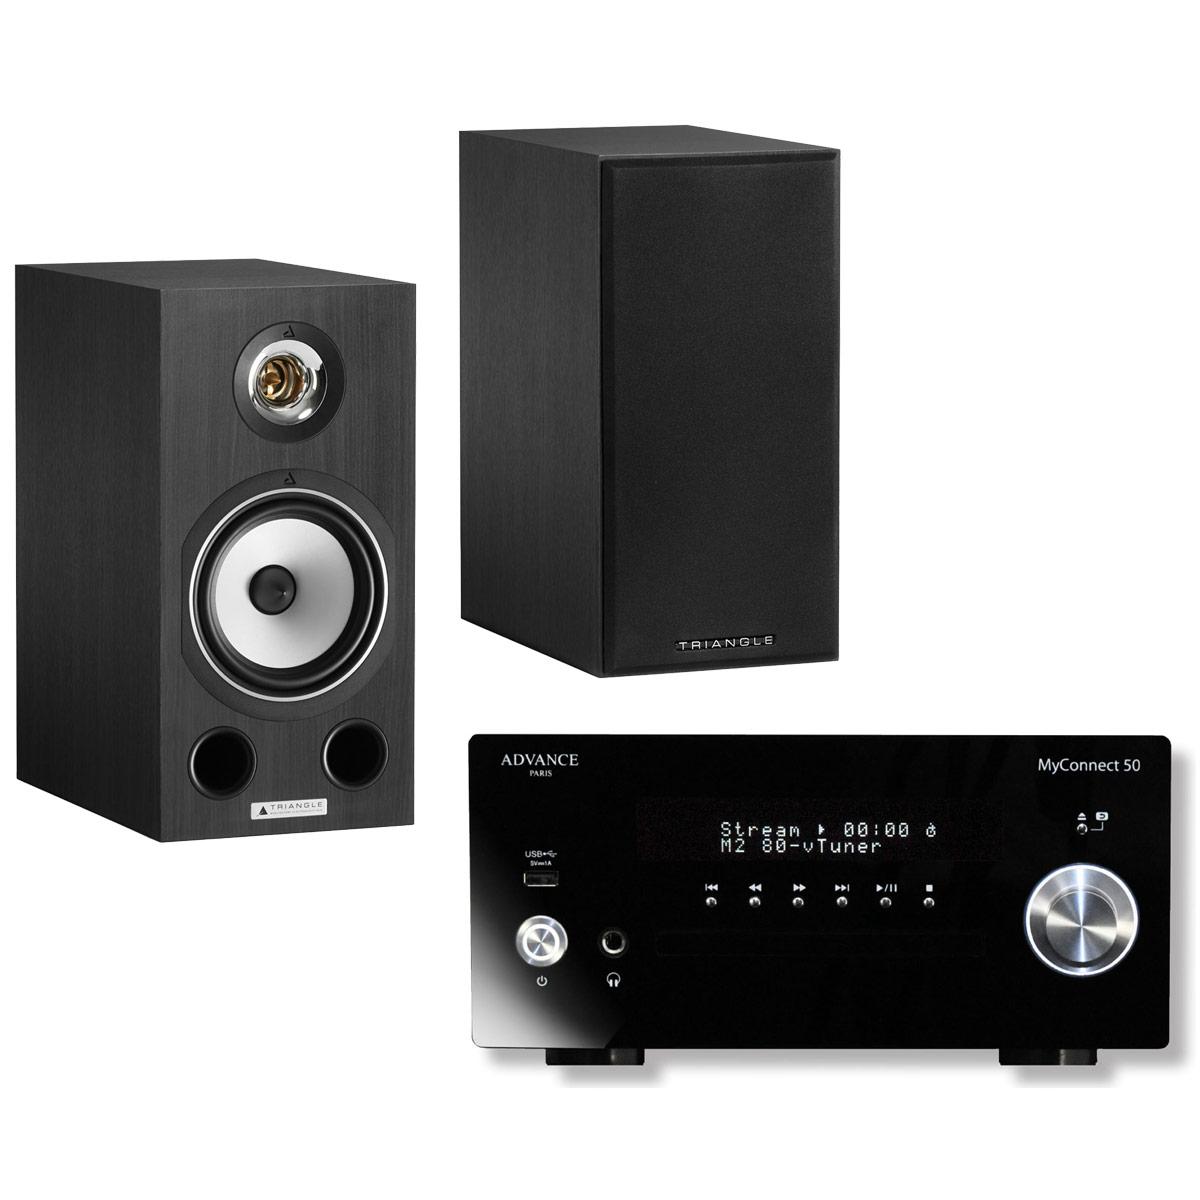 Chaîne Hifi Advance Acoustic MyConnect 50 + Triangle Comète Ez Black Ash Micro-chaîne 2 x 70 Watts CD/FM - Wi-Fi/Bluetooth - AirPlay - Multiroom (sans haut-parleurs) + Enceinte bibliothèque compacte 80 W Bass-Reflex (par paire)